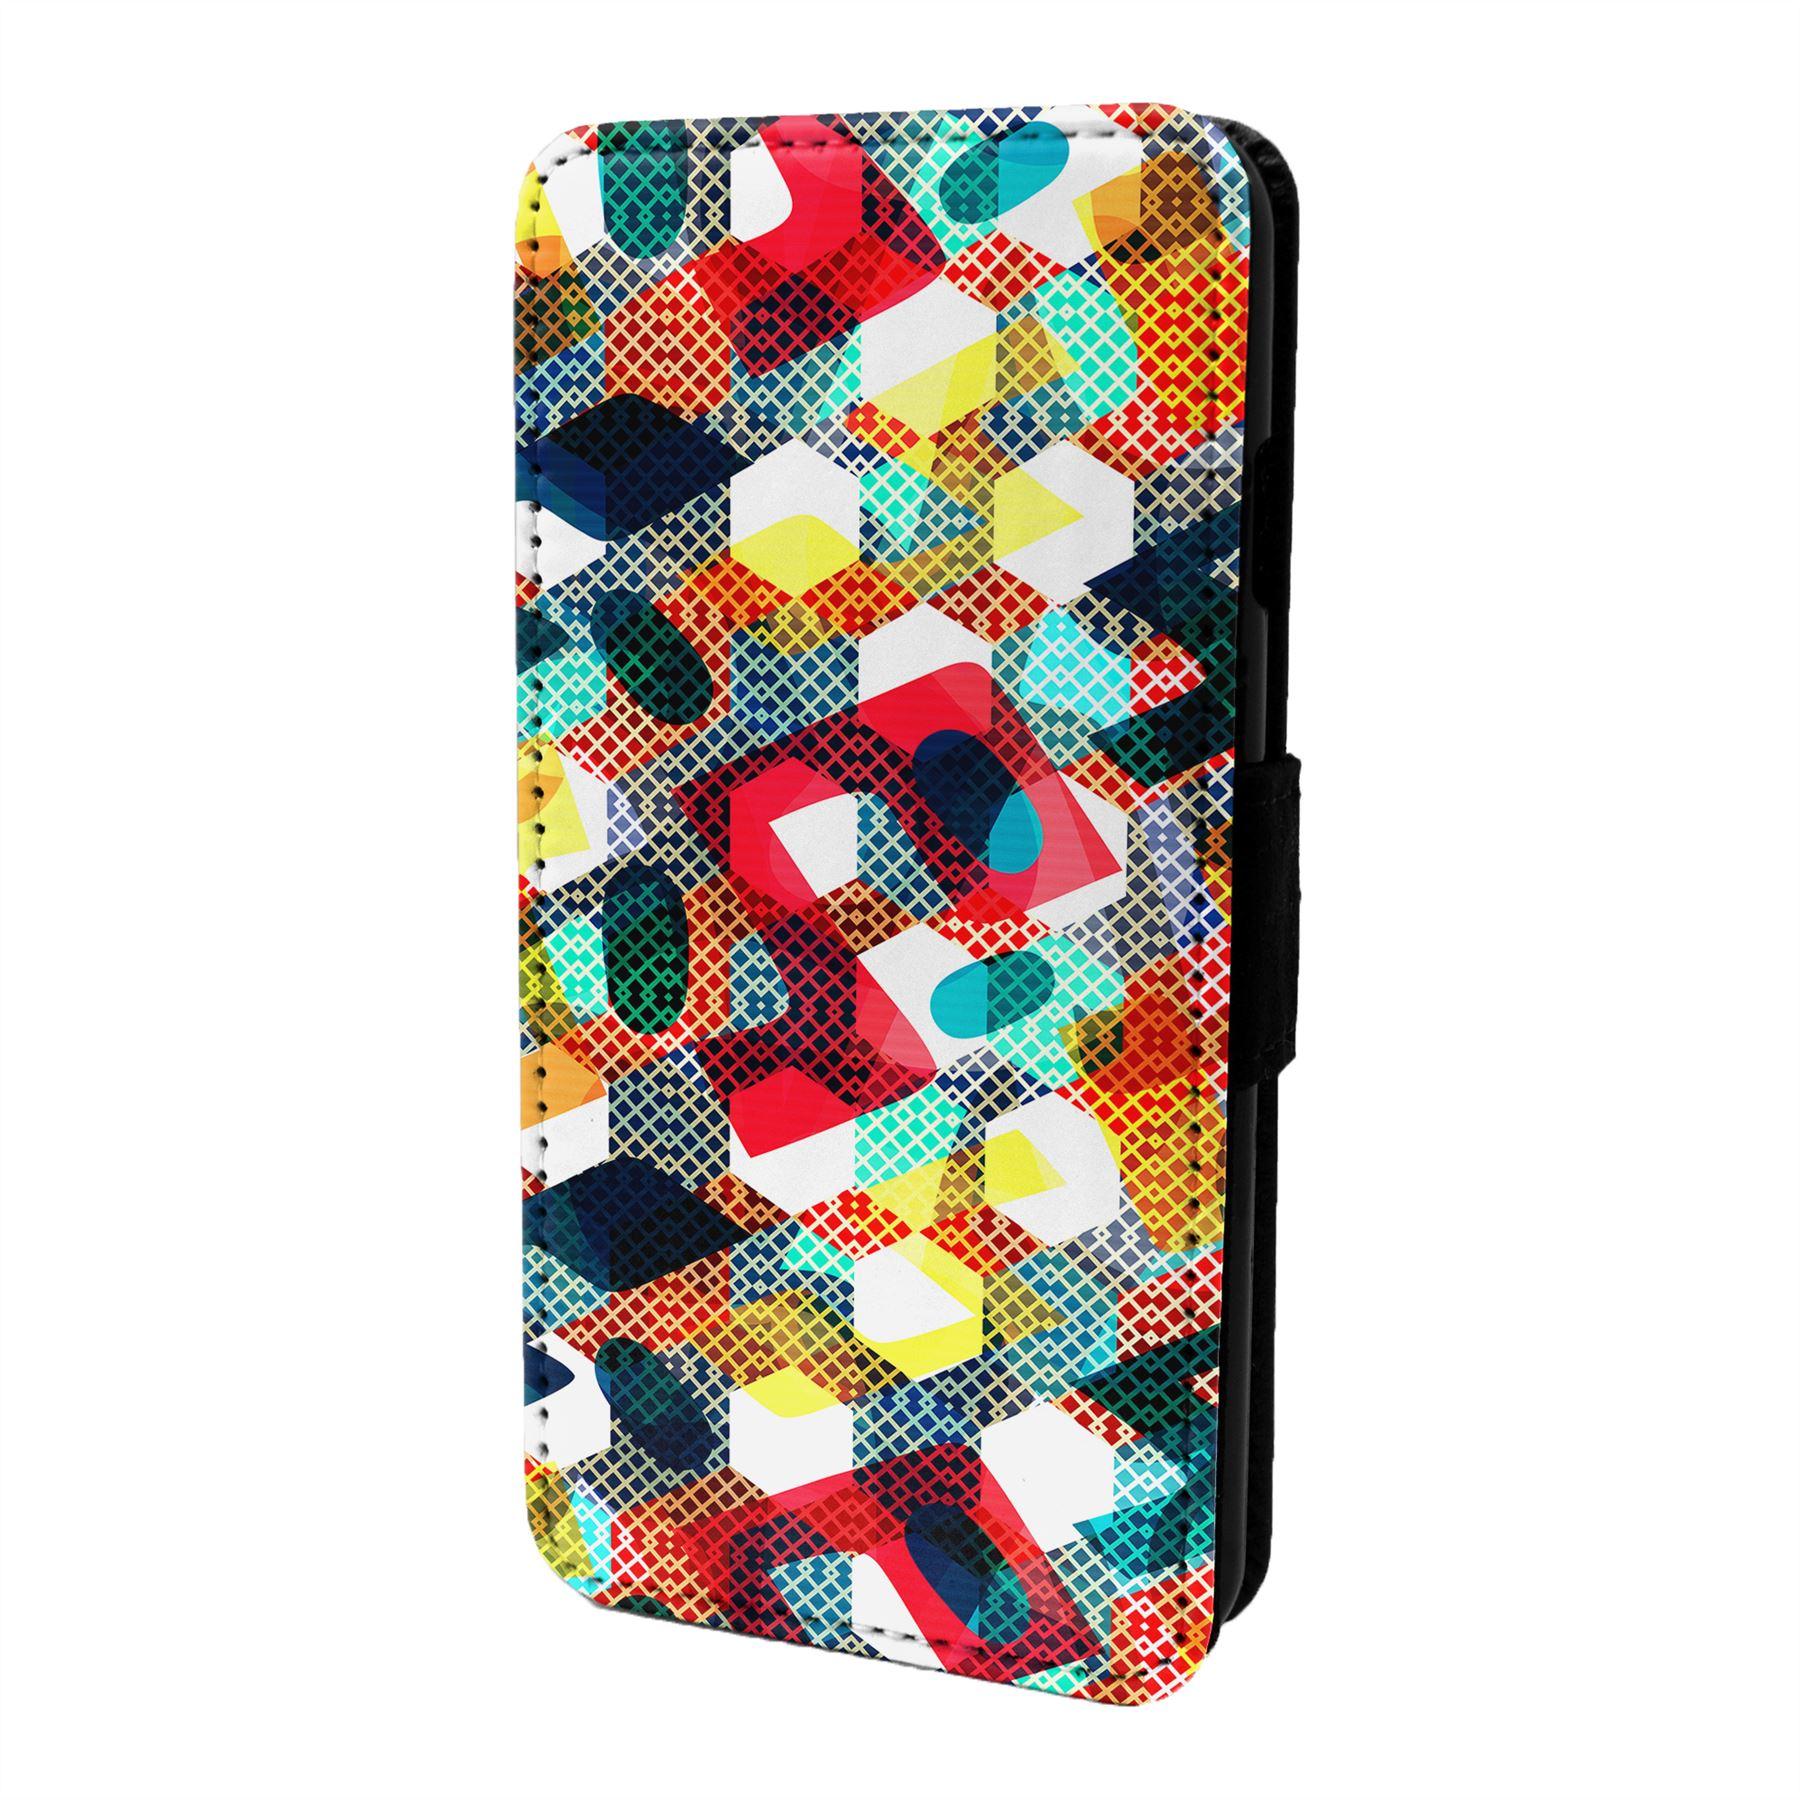 Patron-Geometrico-Funda-Libro-para-Telefono-Movil-S6736